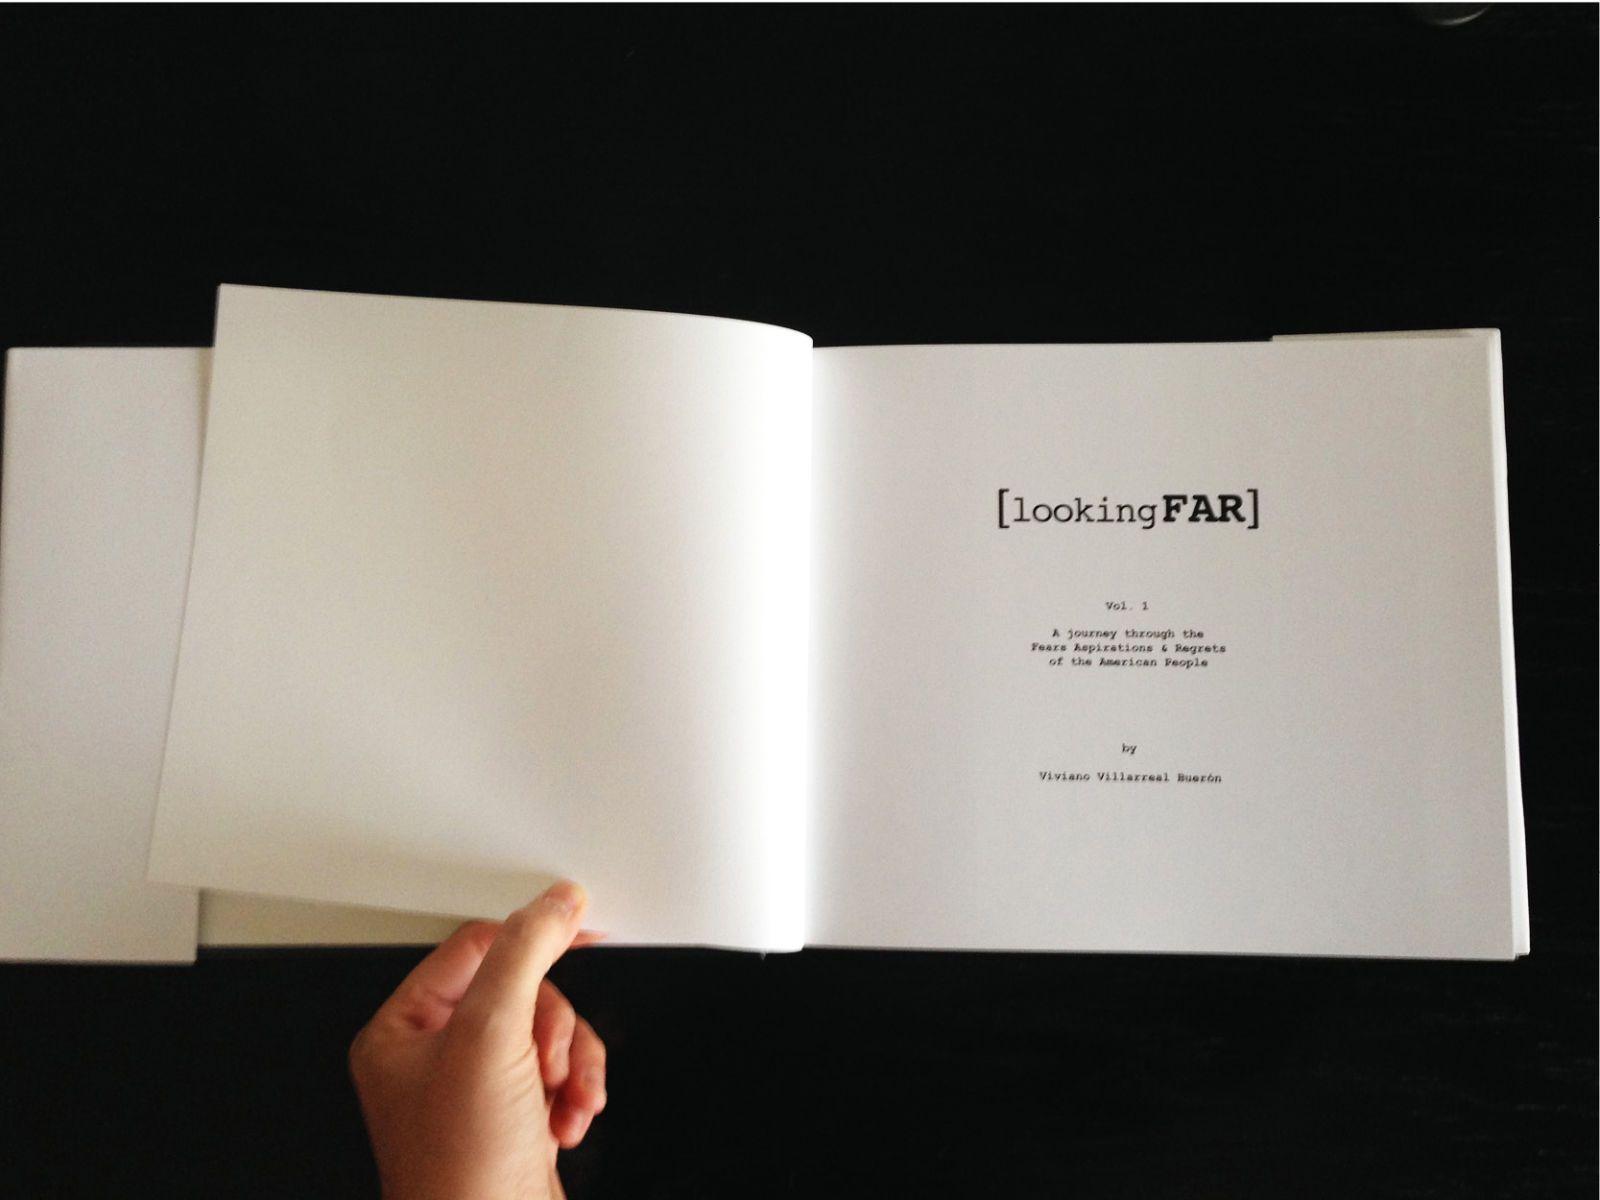 1book_scroll.jpg